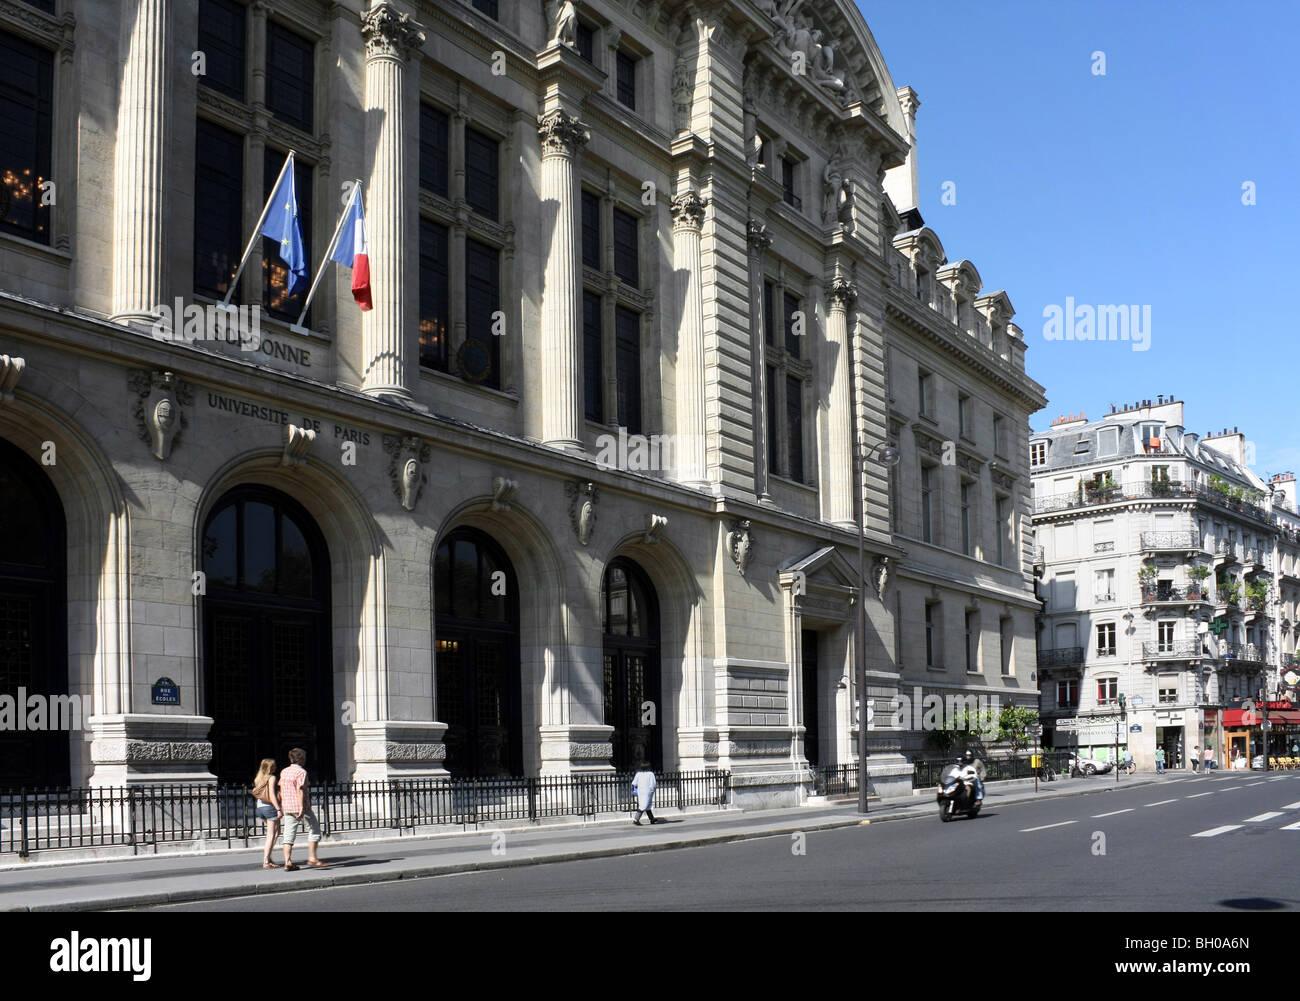 Sorbonne, University of Paris - Stock Image